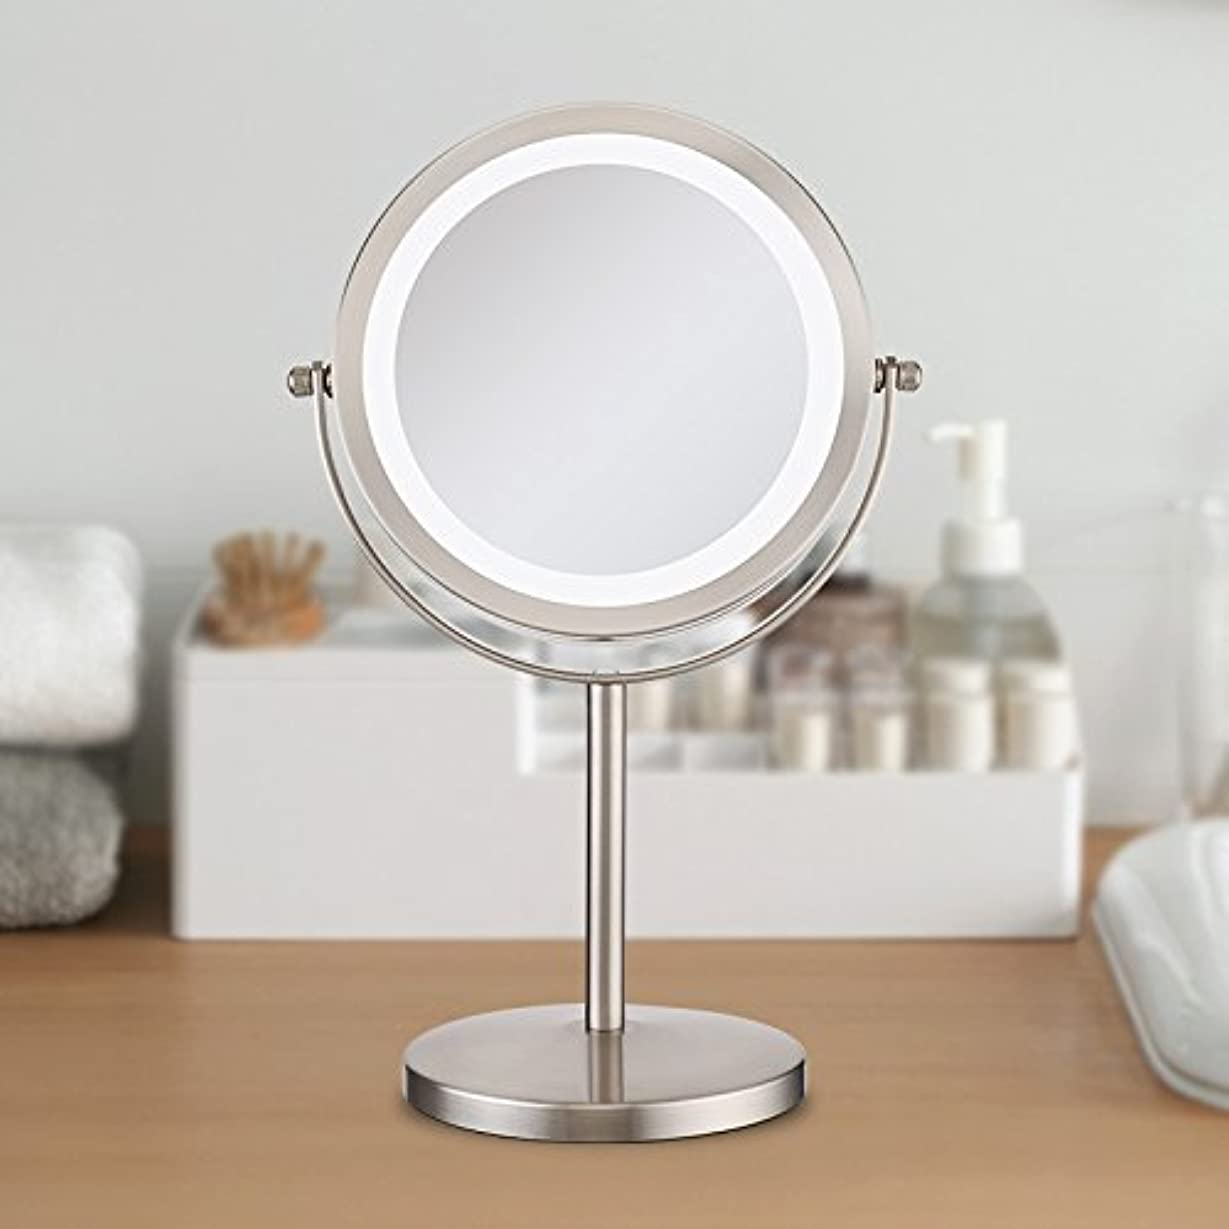 読むマラドロイト文芸(セーディコ)Cerdeco 真実の北欧風卓上鏡DX LEDライト付き 10倍拡大率 両面化粧鏡 真実の鏡DX スタンドミラー 鏡面φ178mm D710N